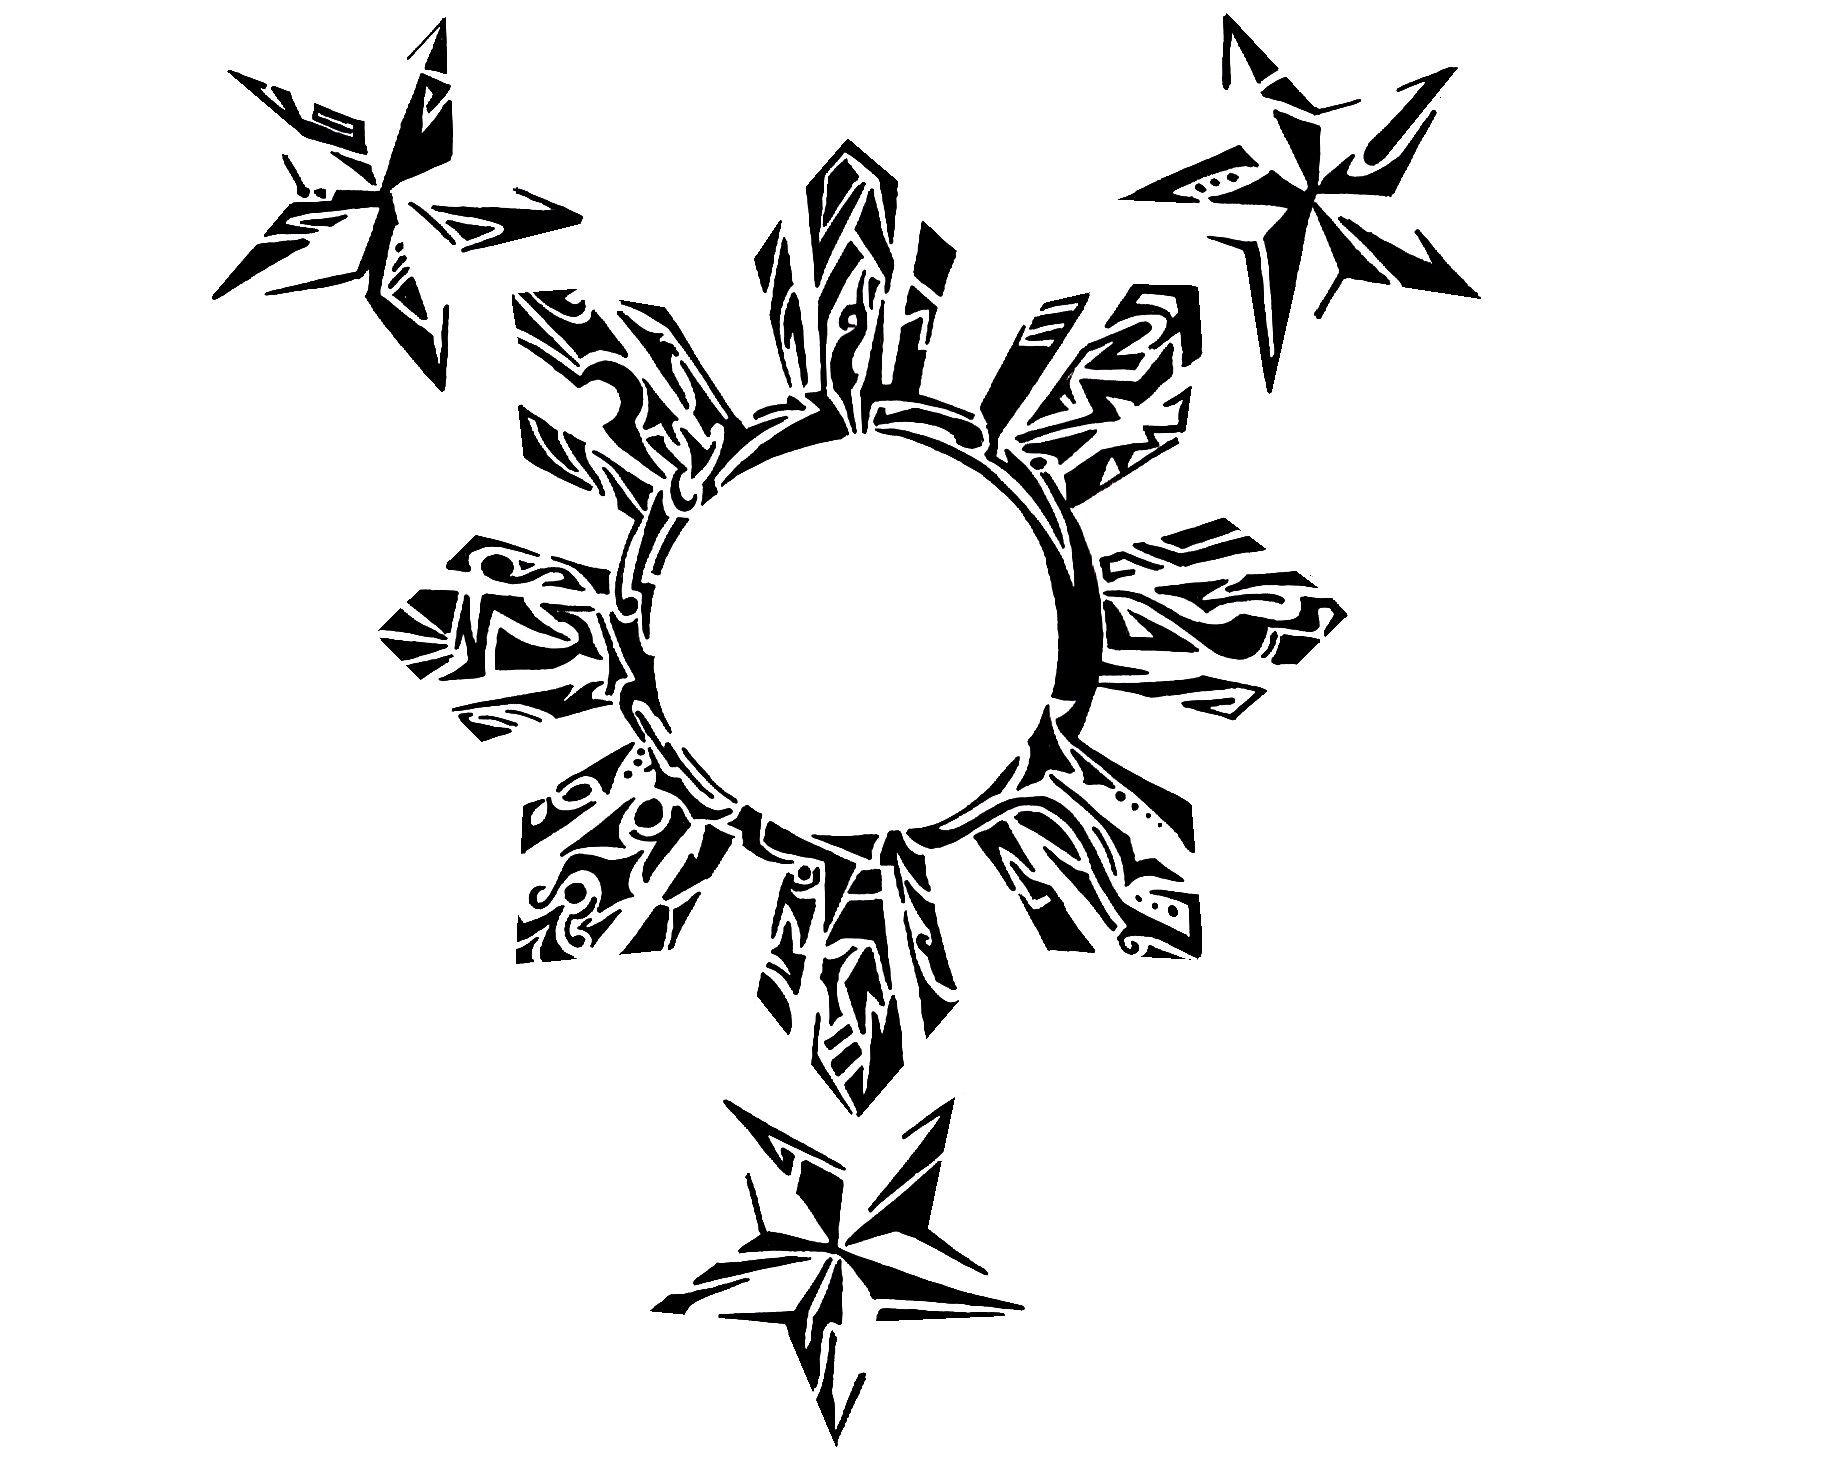 Tribal-Tattoos de3d0a22b6e828fdb6356ca82d9bf8b2